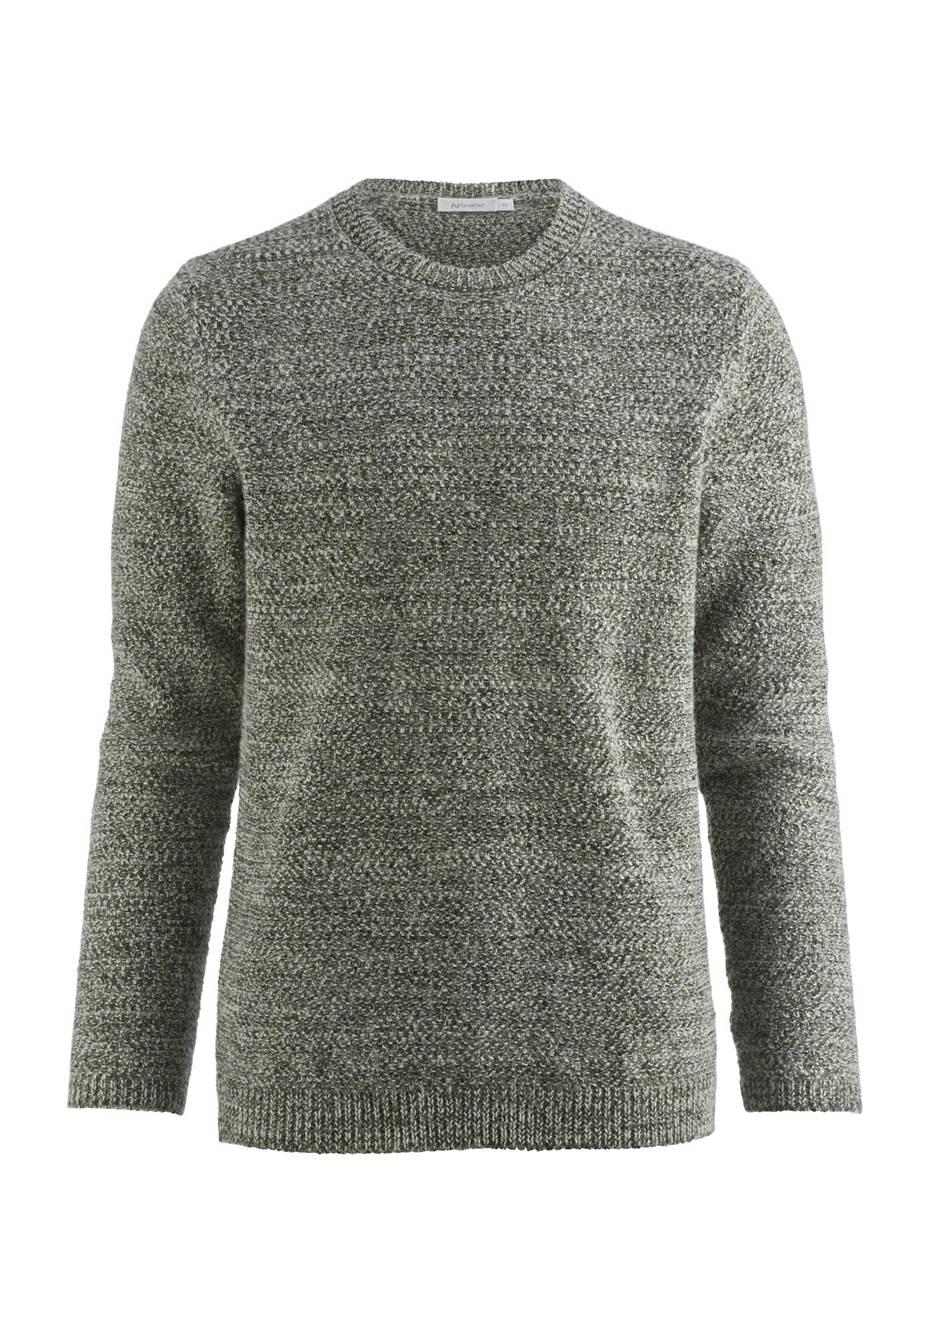 Pullover aus Schurwolle mit Alpaka, Leinen und Baumwolle